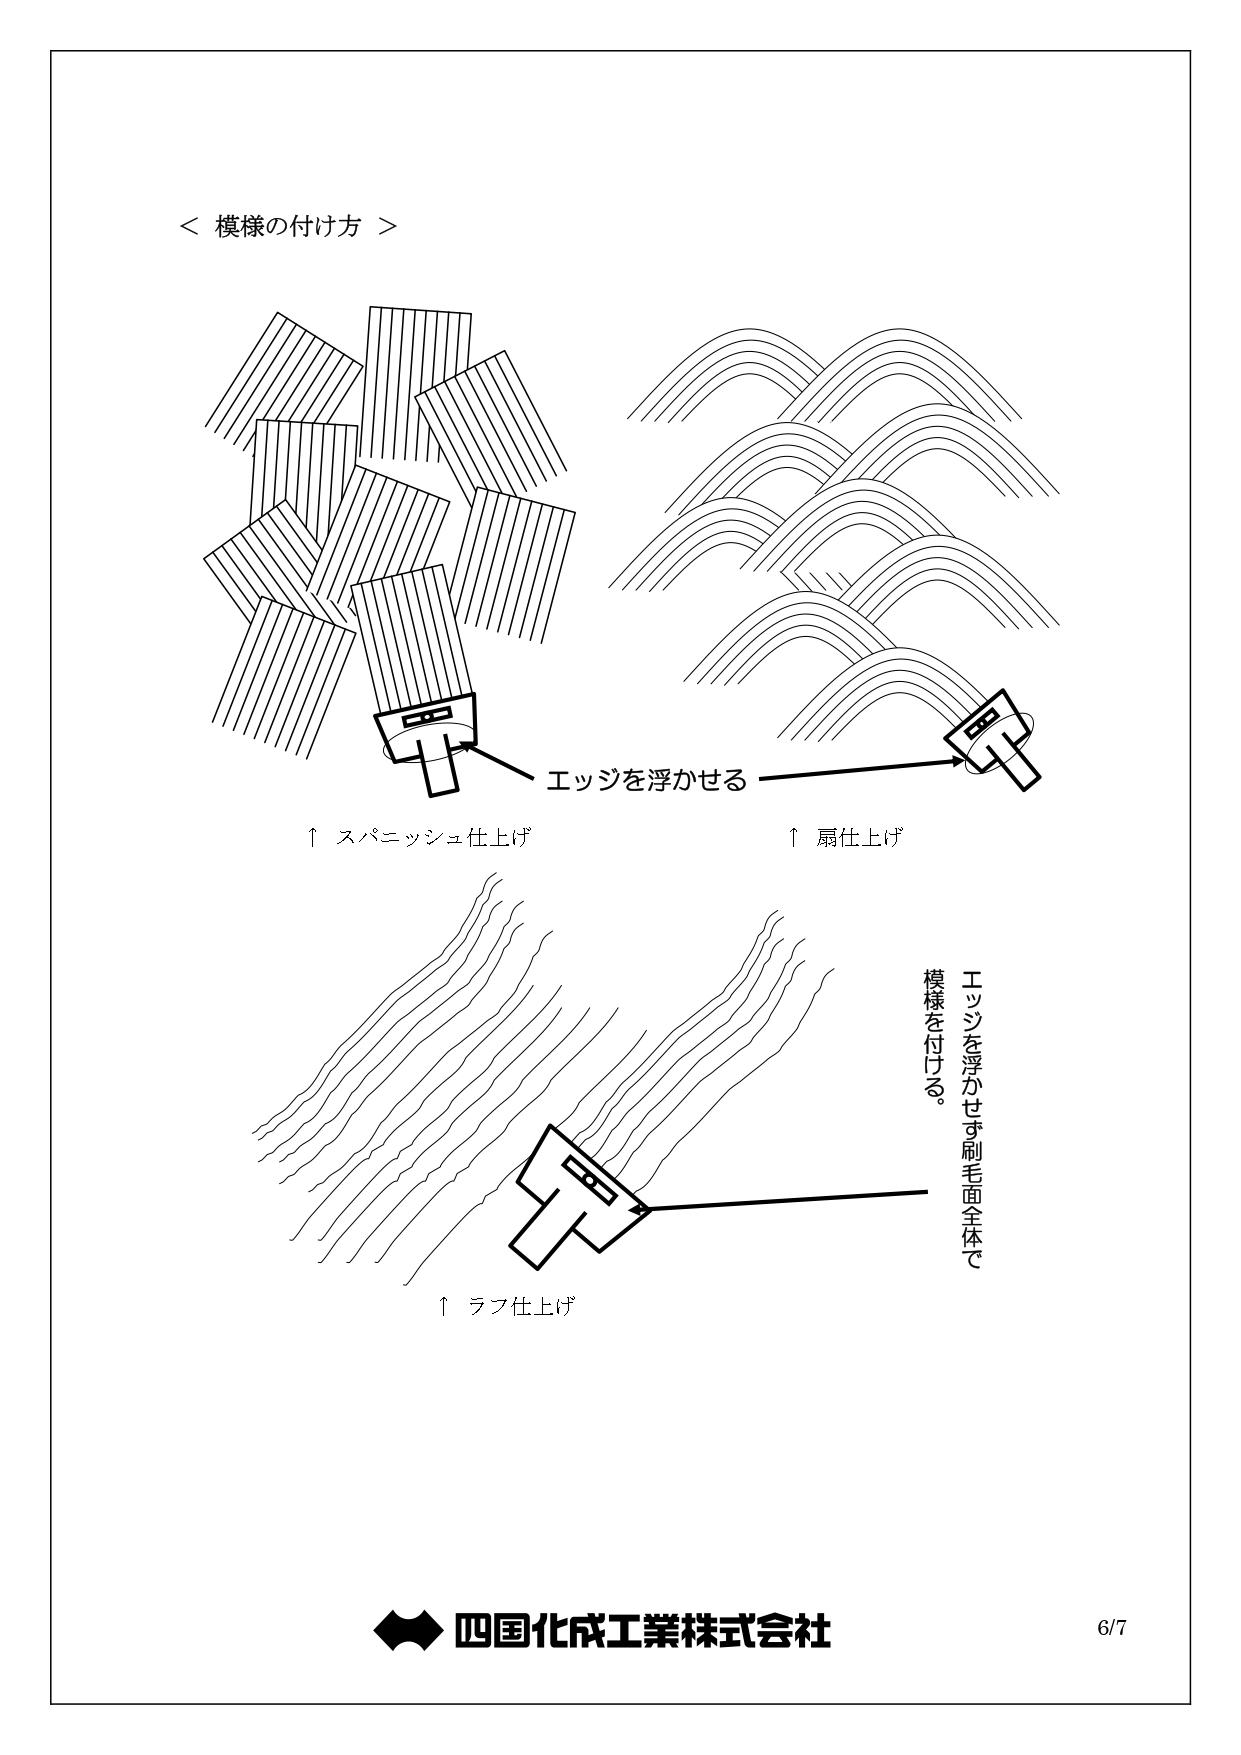 美ブロシルキーHG コテバケ仕上げ 施工説明書_page-0006